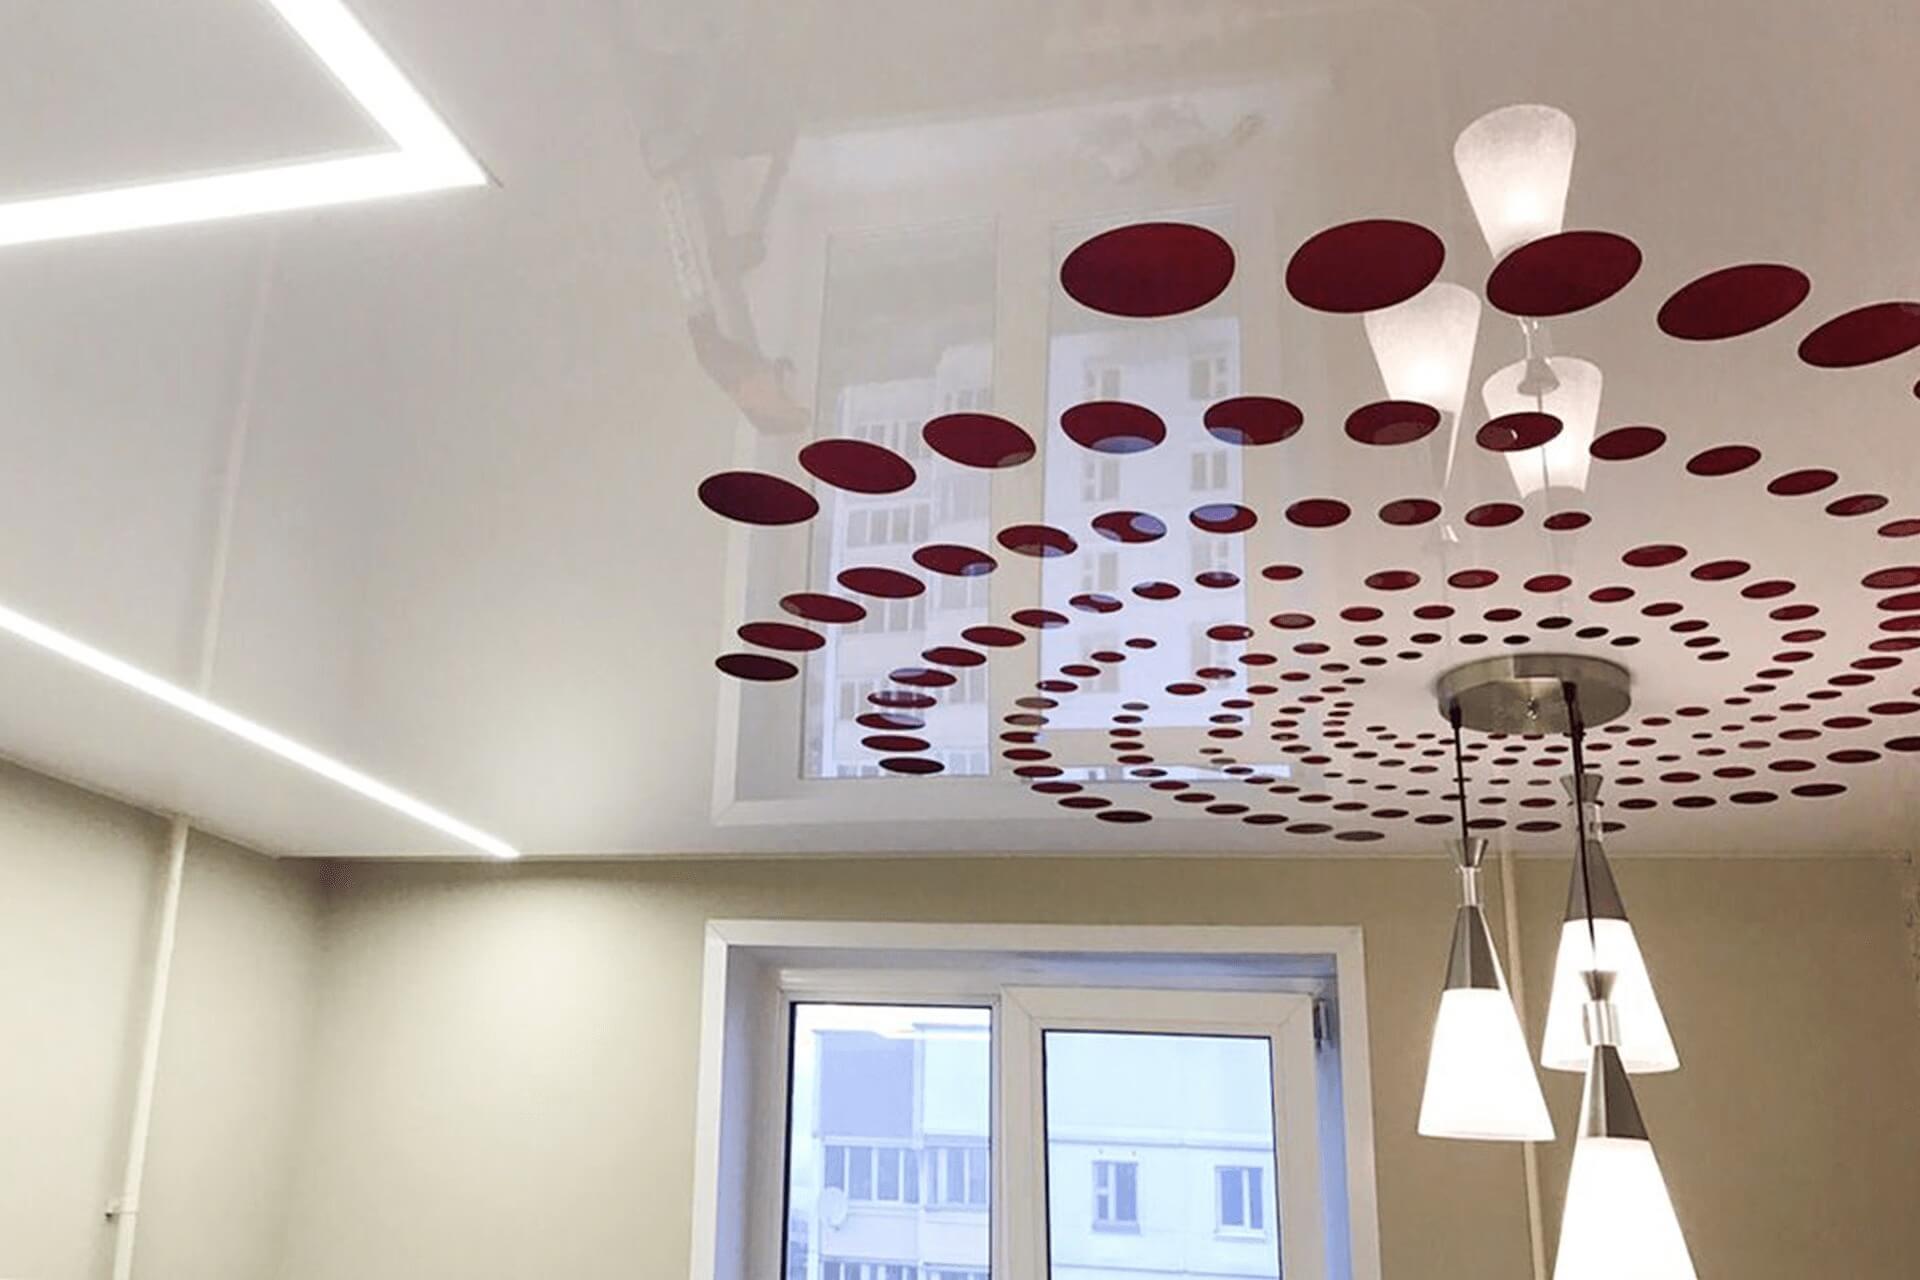 Резной натяжной потолок с красными кругами